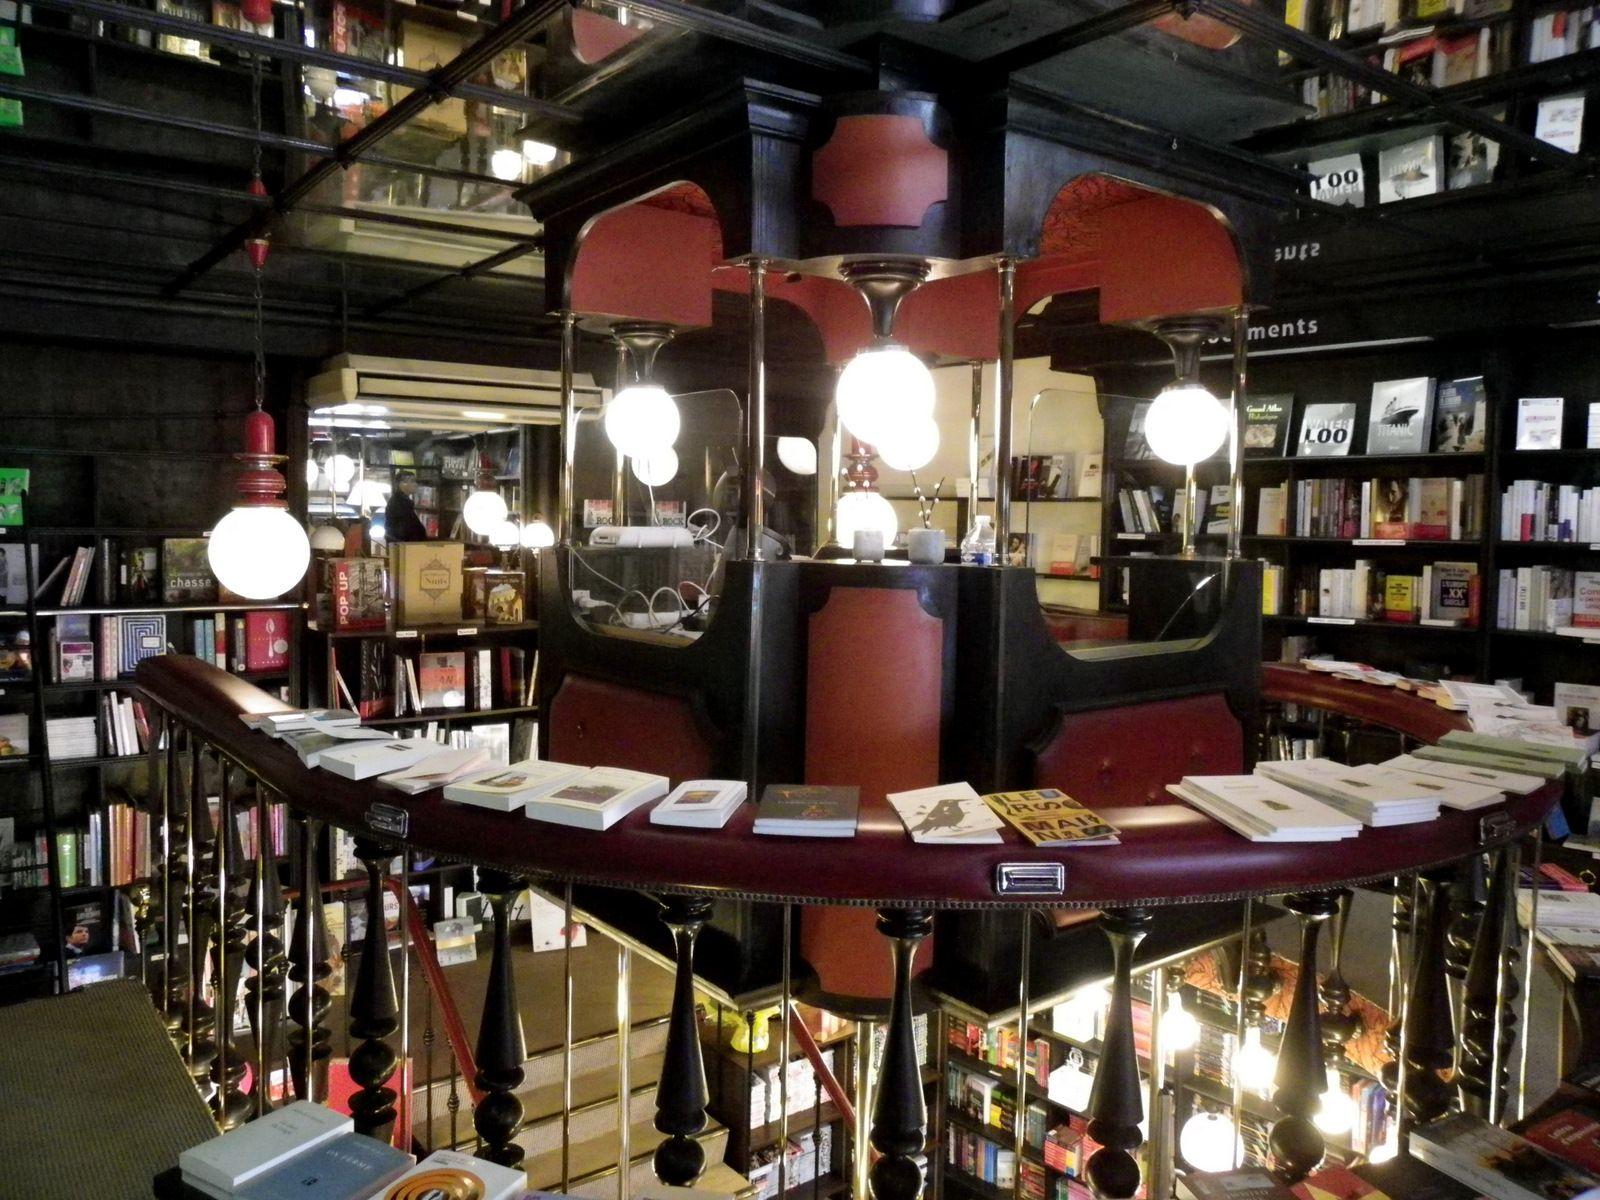 La Librairie Bookstore La Bien Nommee Biarritz France